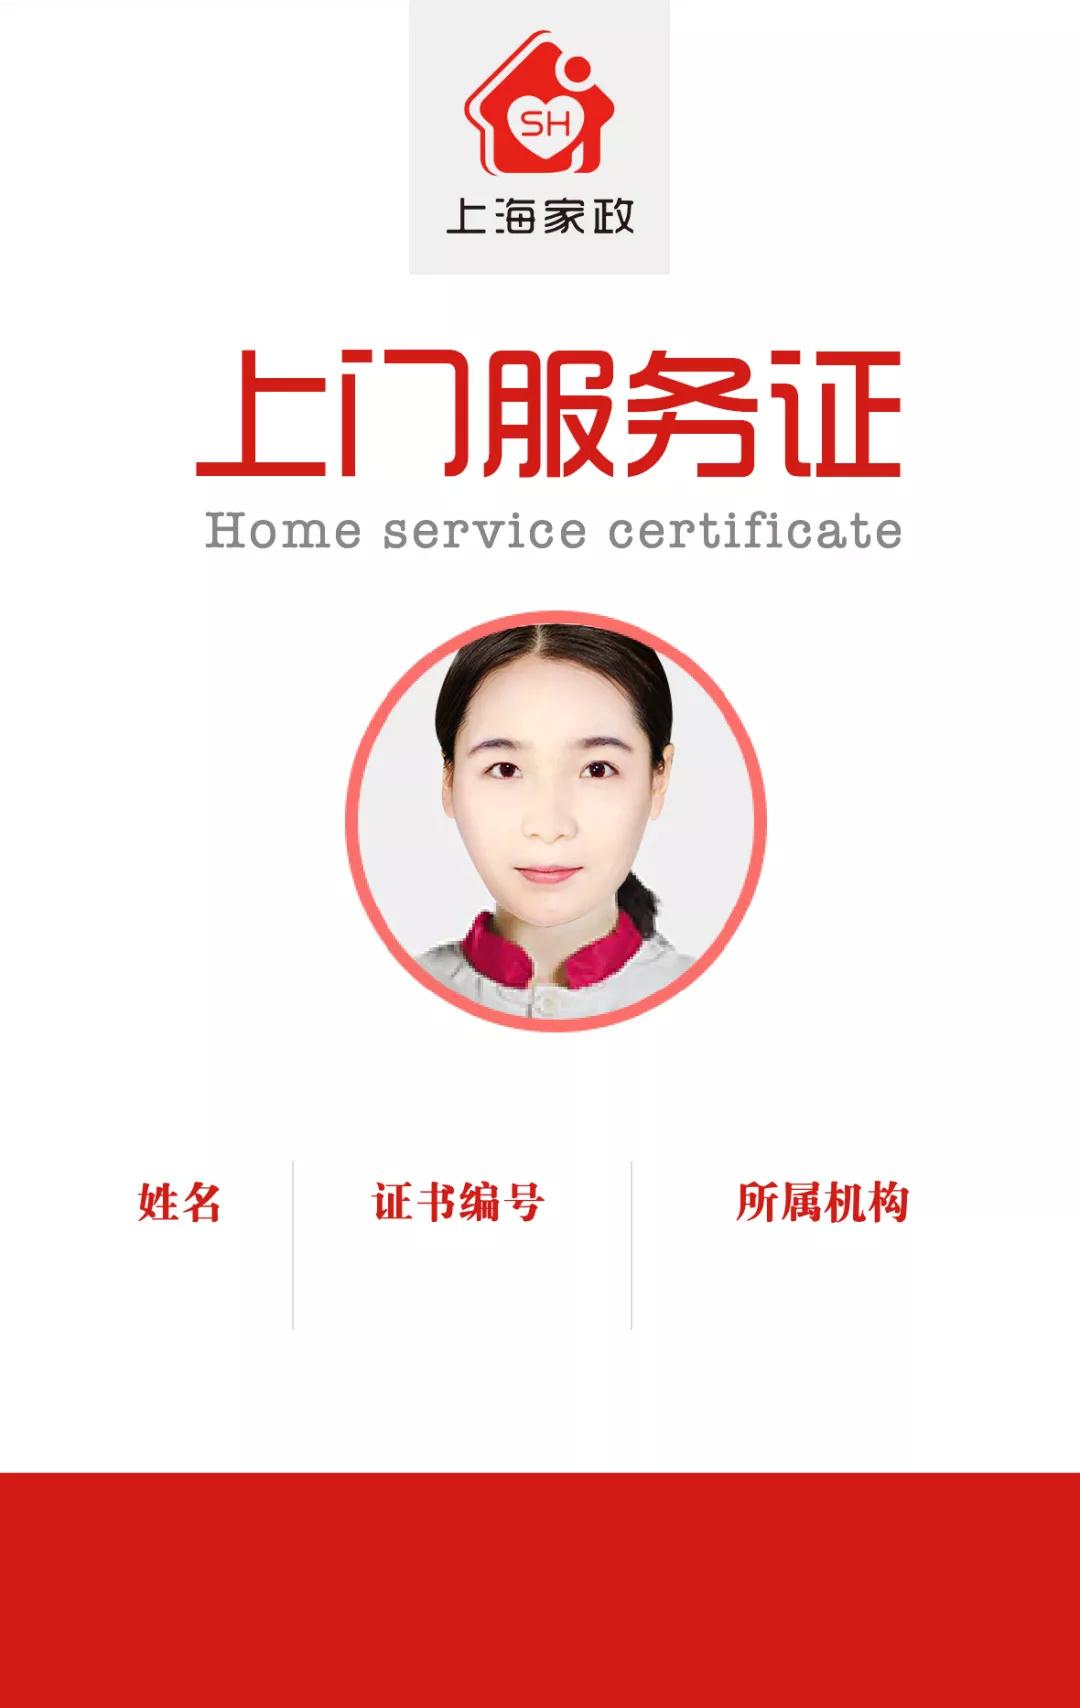 6月1日起,上海全面推行家政人员持证上门服务